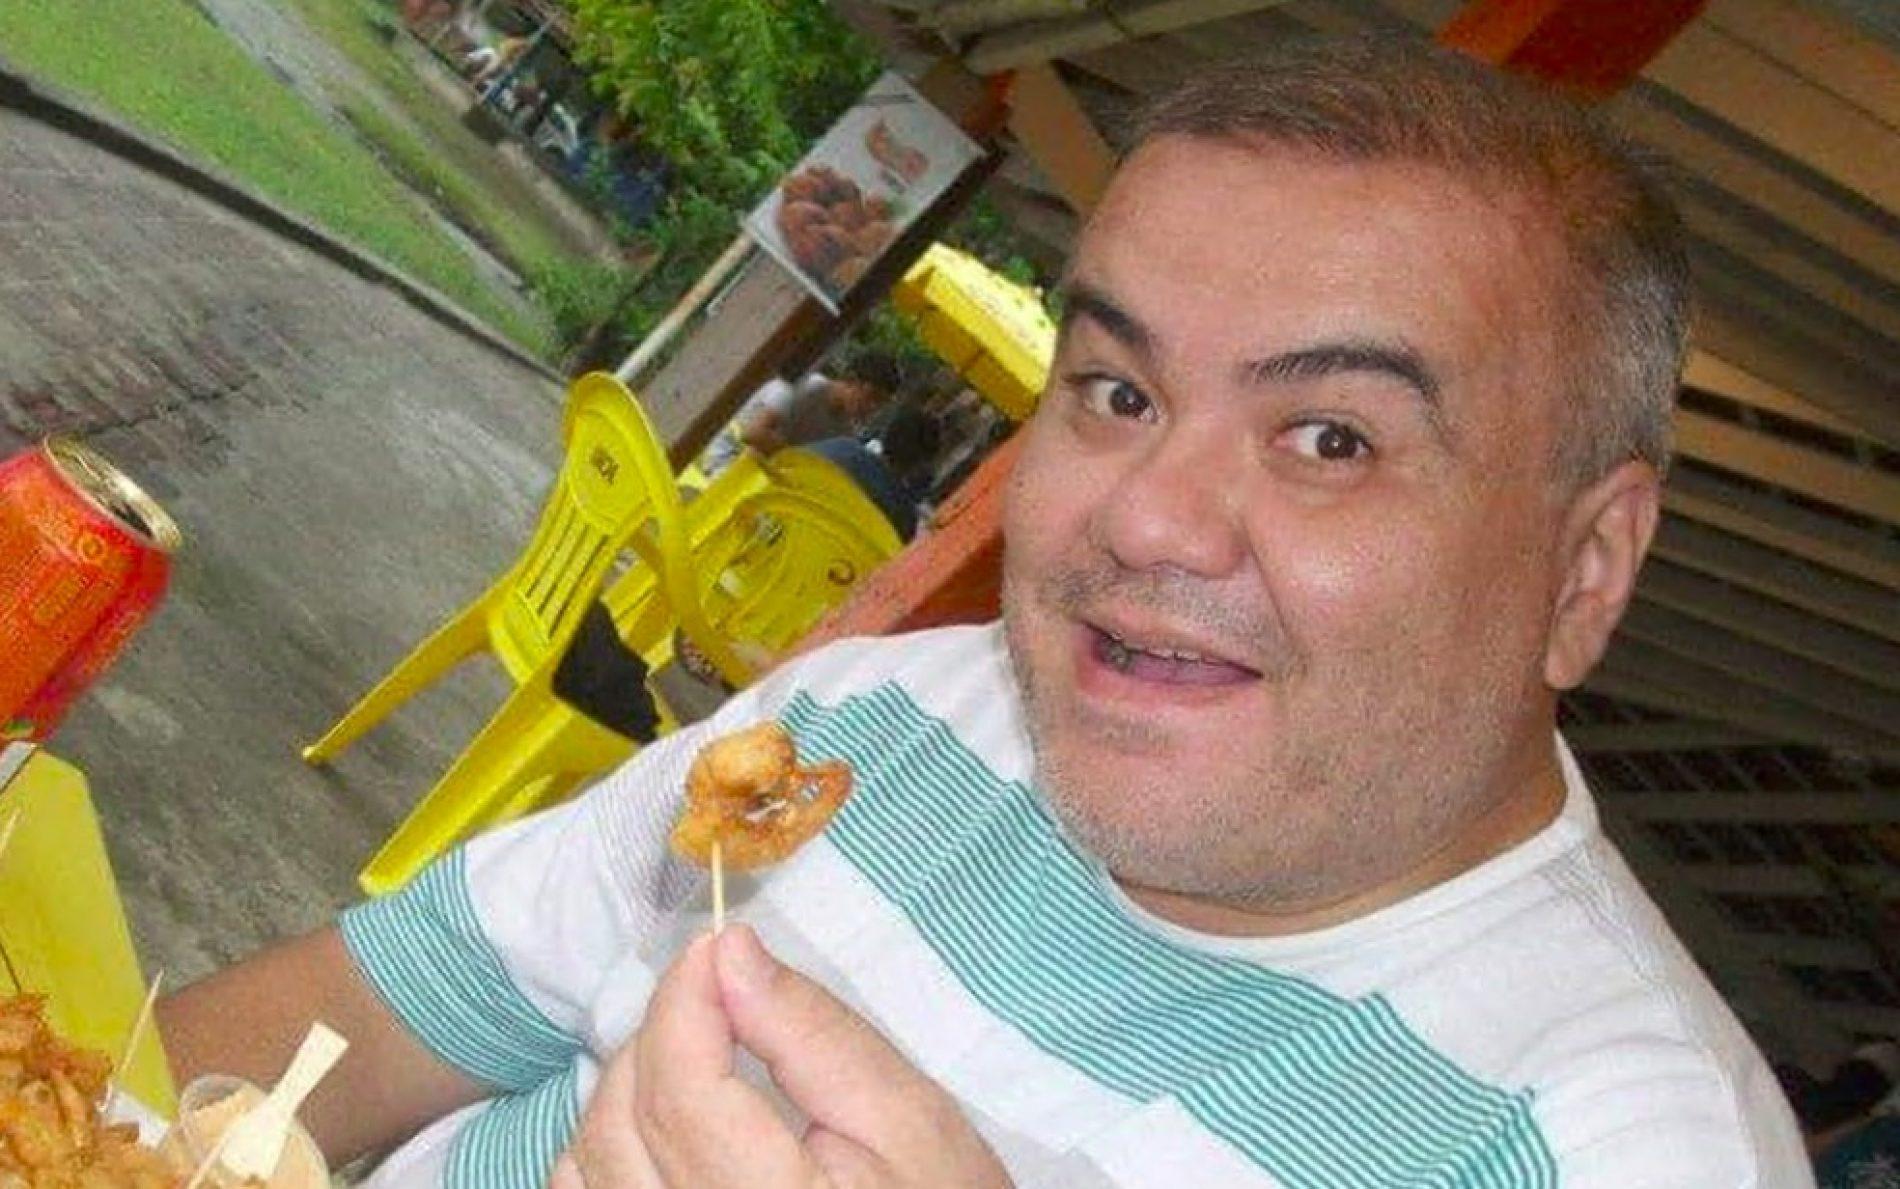 BEBEDOURO: Homem que esperou 8 dias por UTI Covid morre: 'Luta em vão', diz mulher